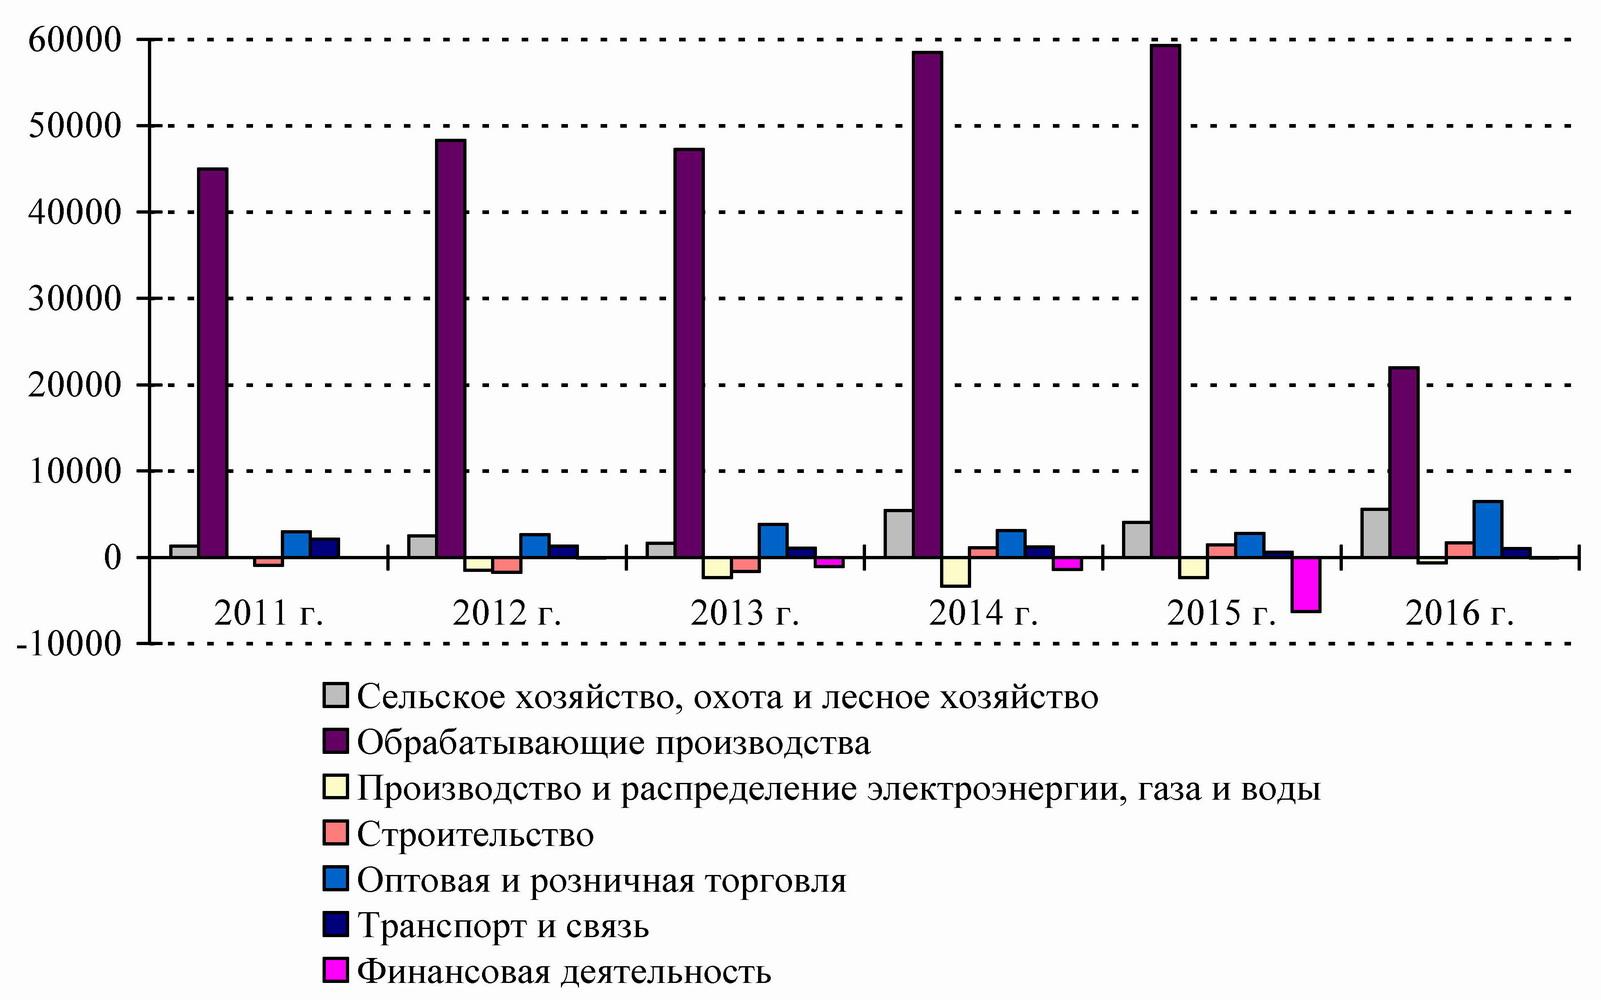 Сальдированный финансовый результат деятельности организаций Волгоградской области в фактически действовавших ценах (извлечение), млн. руб. [6].